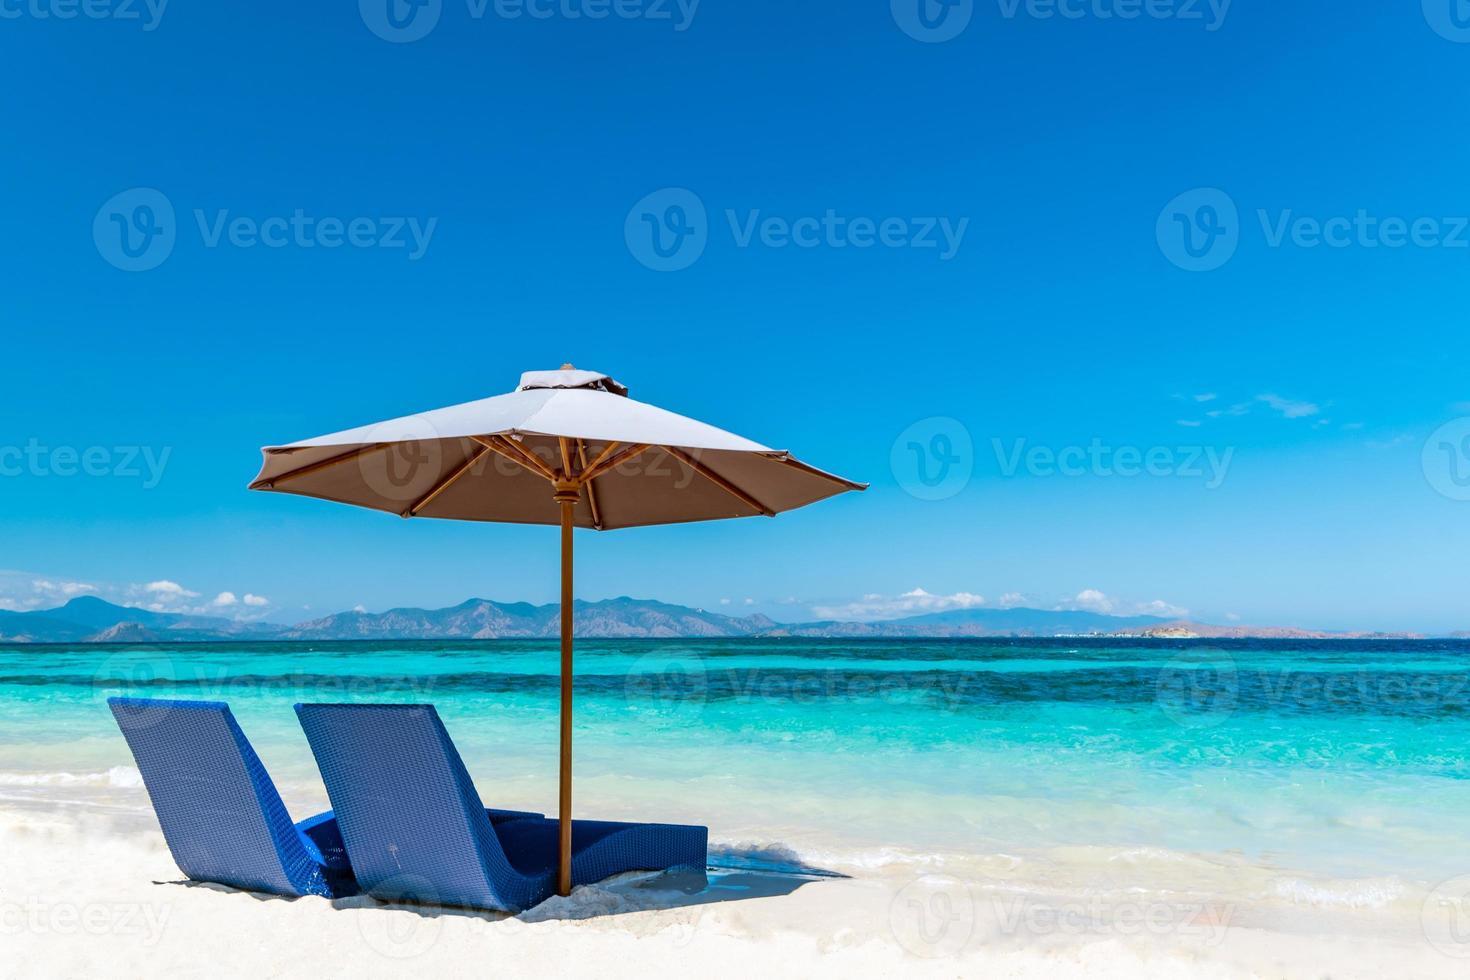 transats avec parasol sur la plage de sable photo